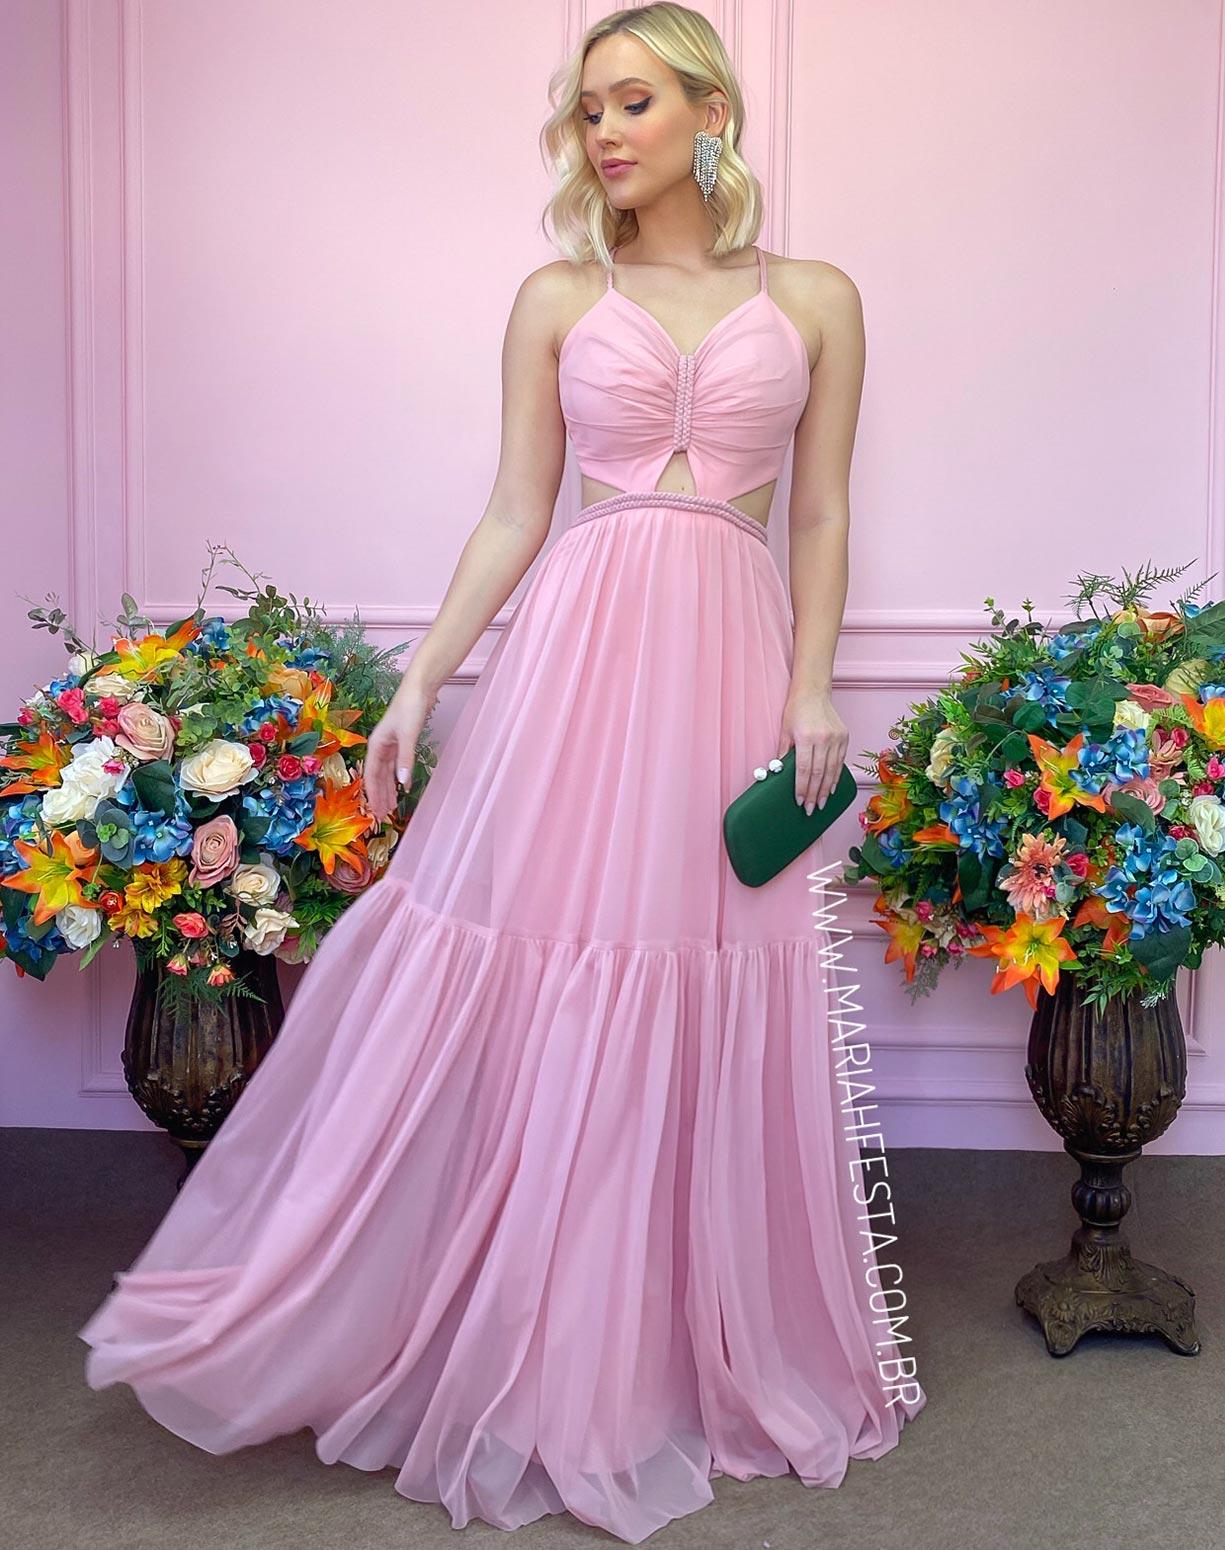 Vestido Rose em Tule com Detalhes em Macramê